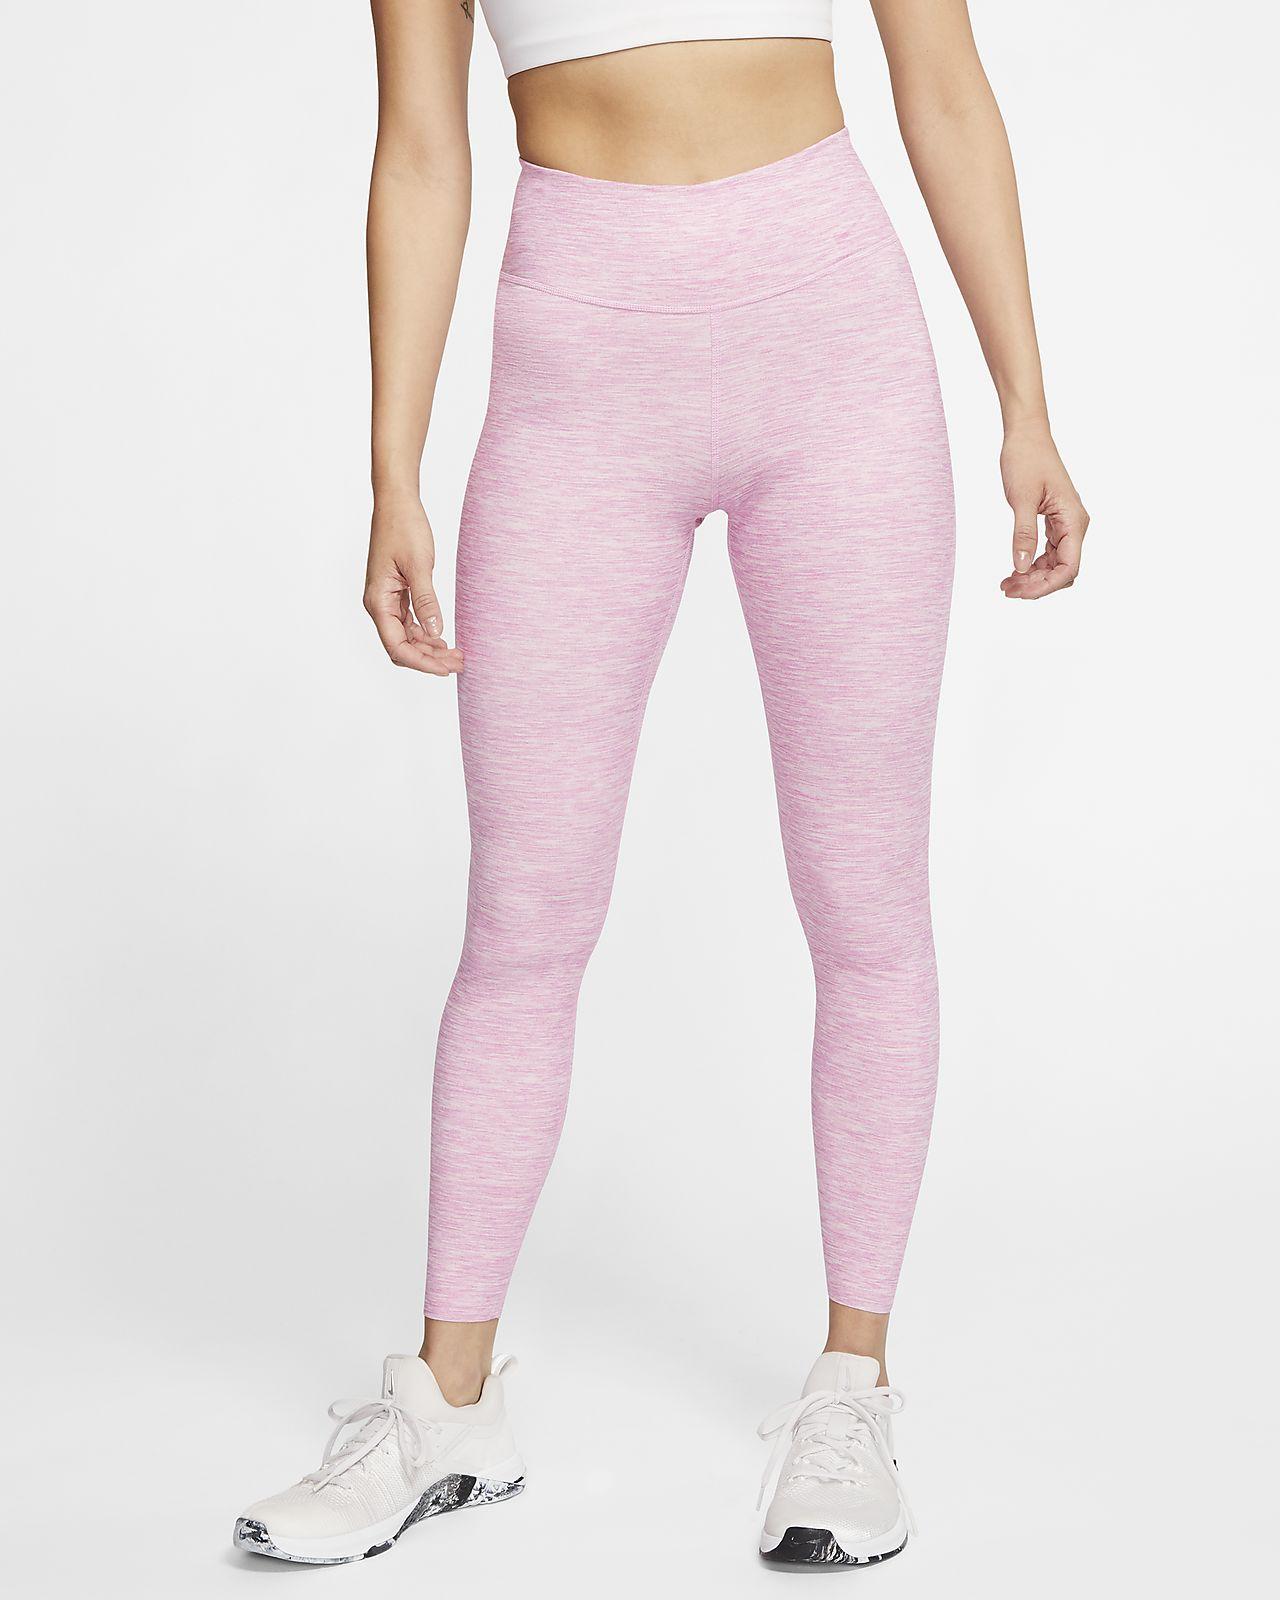 กางเกงรัดรูปเอวปานกลางผู้หญิงลายฮีเธอร์ Nike One Luxe